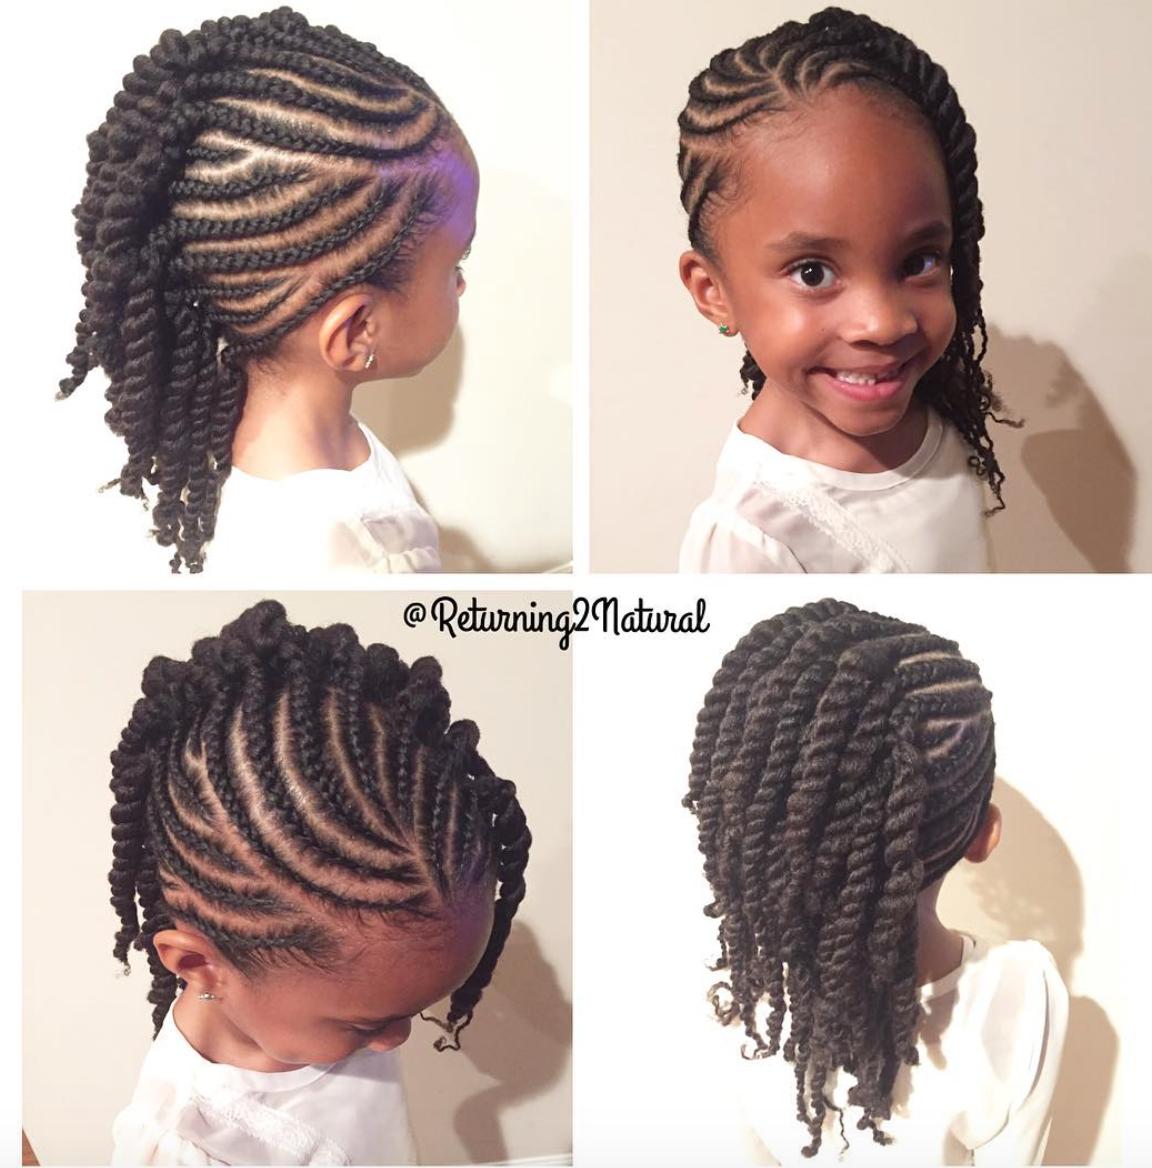 Cute kid friendly style by @returning2natural  Black Hair - Black Kids Hairstyles Braids